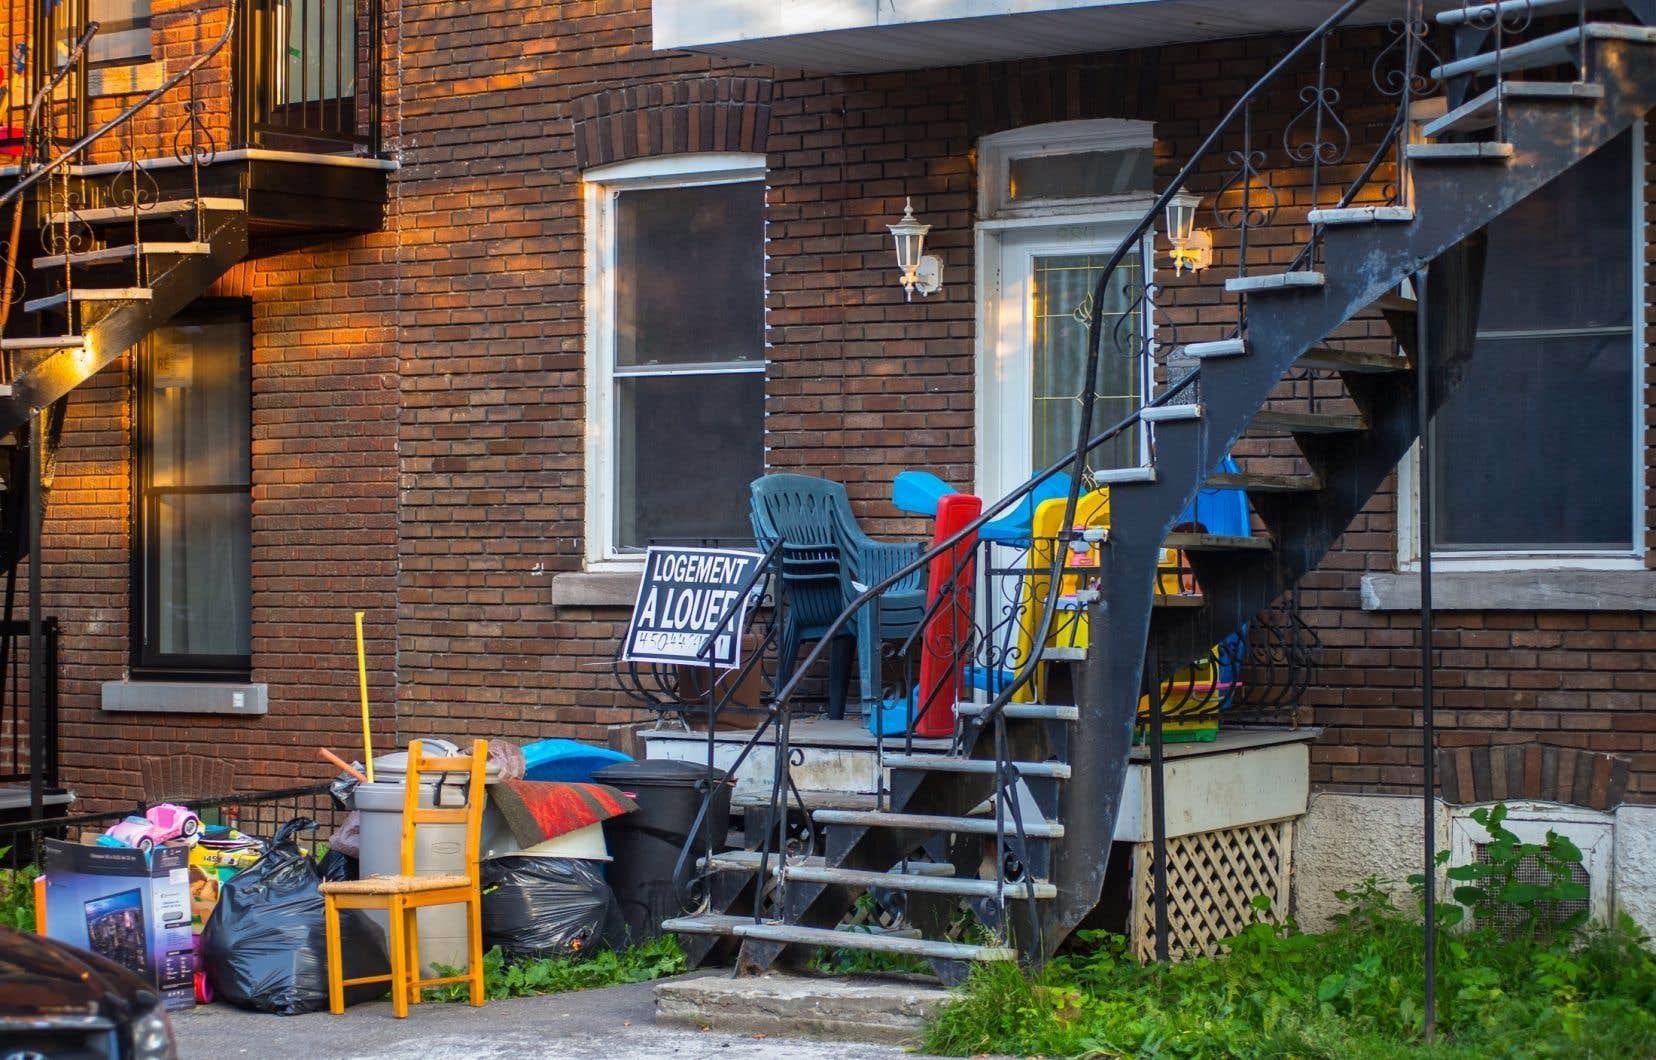 Il en coûtera en moyenne 777dollars chaque mois pour vivre sur l'île de Montréal.